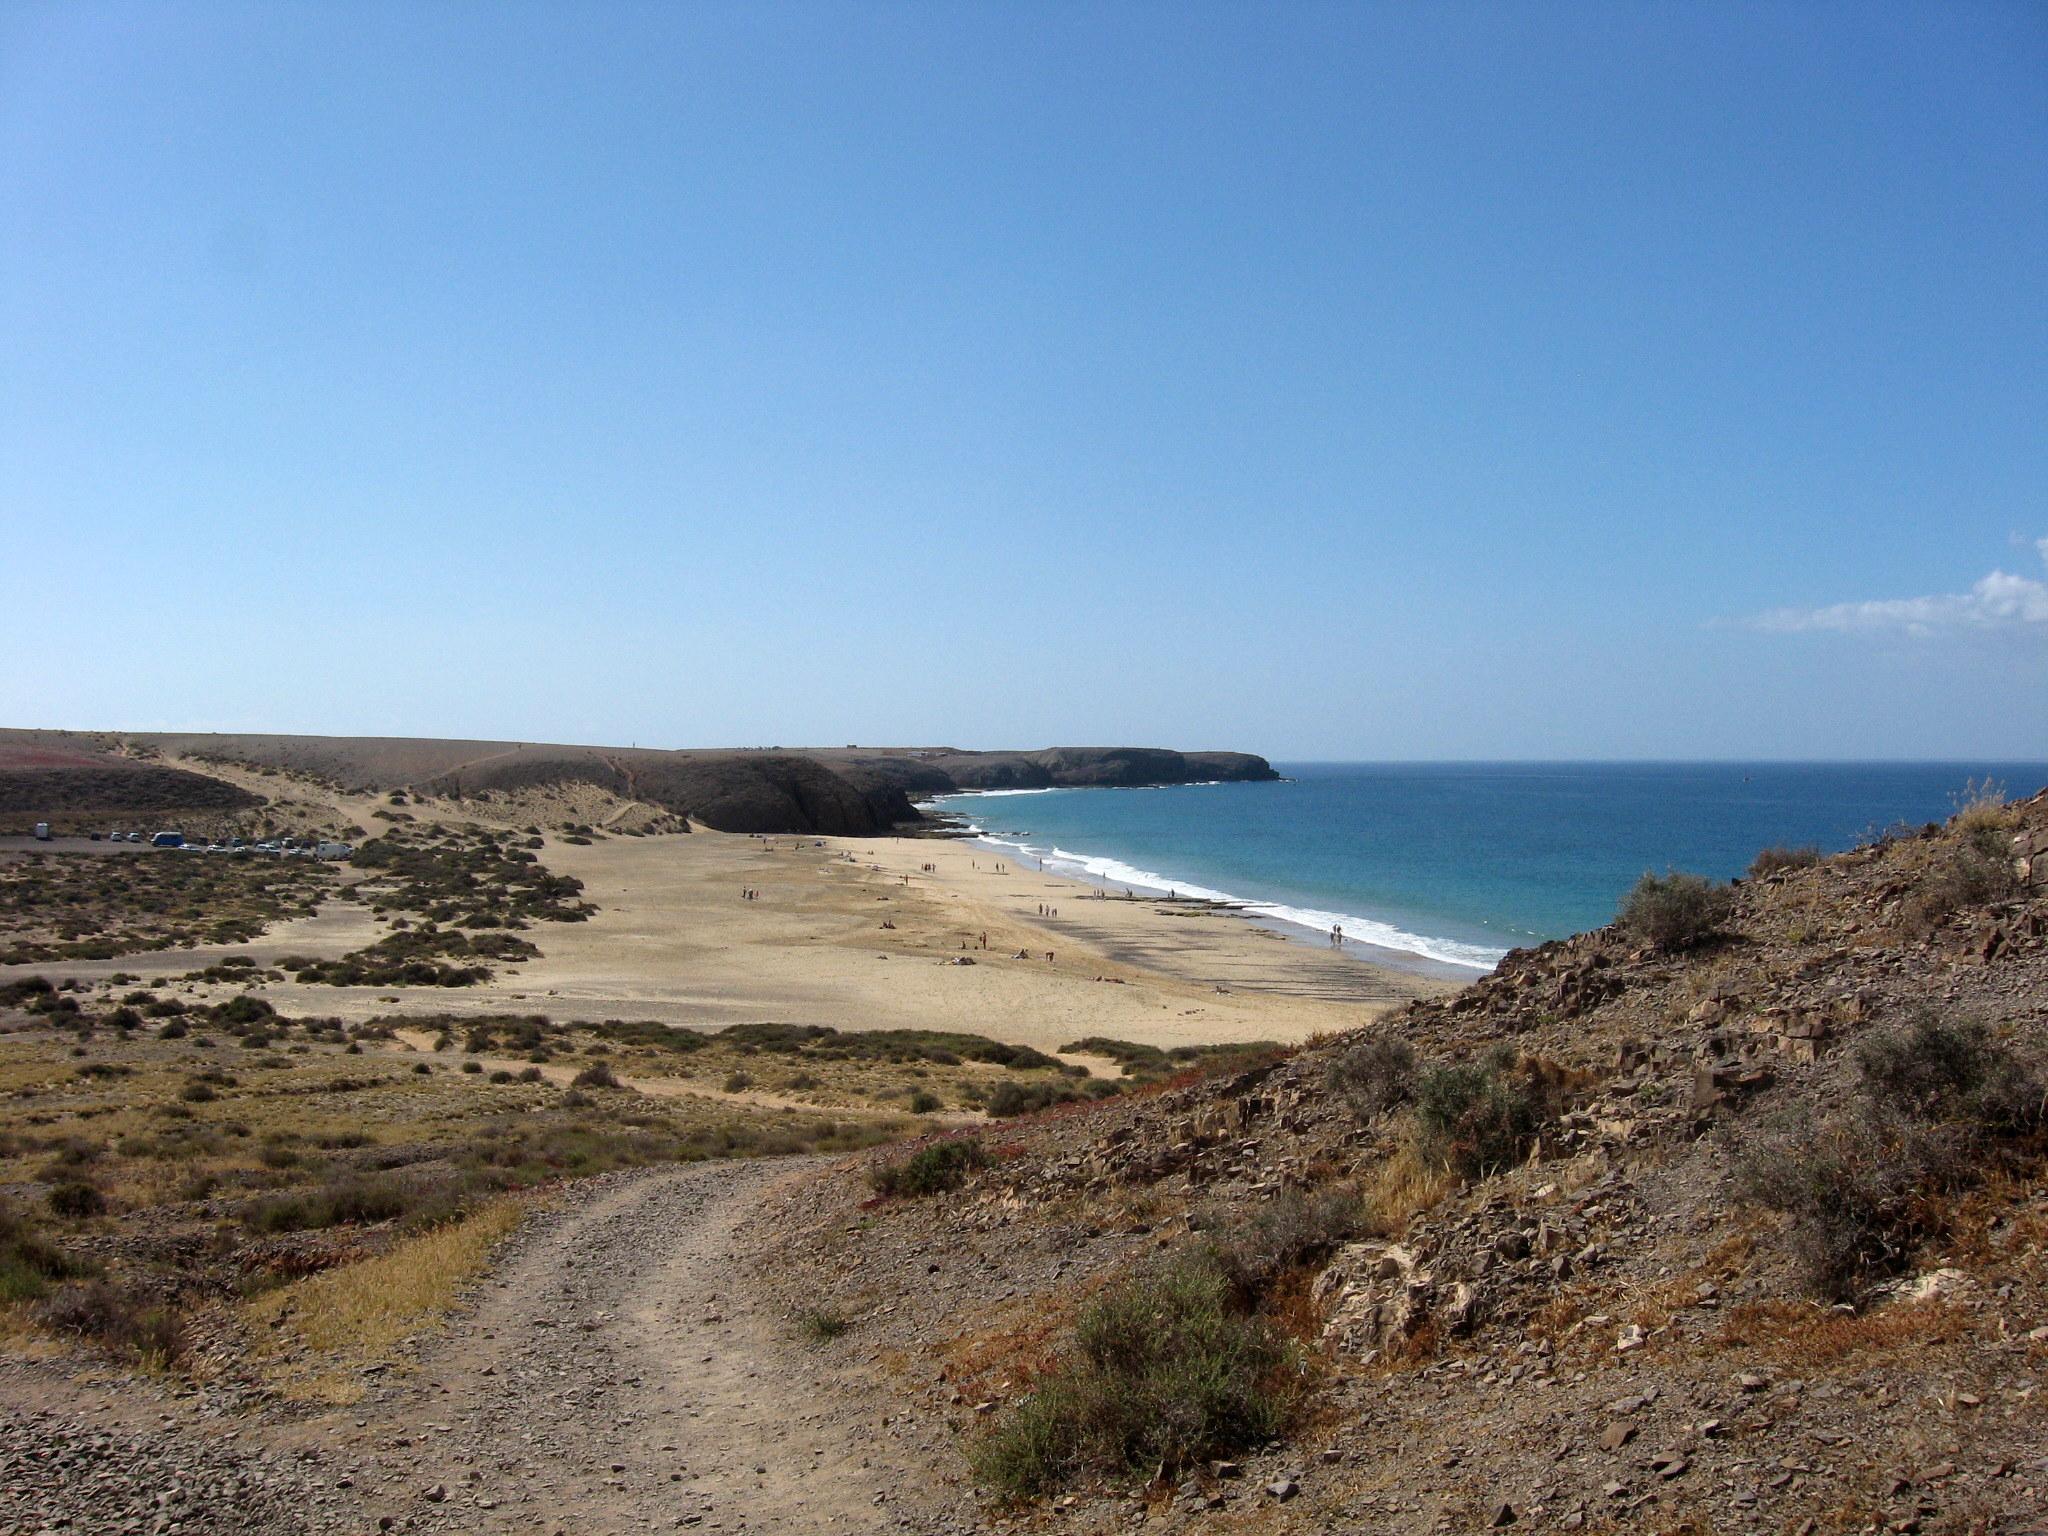 Familienurlaub an der Playa Blanca. Lanzarote. staedtereisen sonne familie europa  IMG 2594